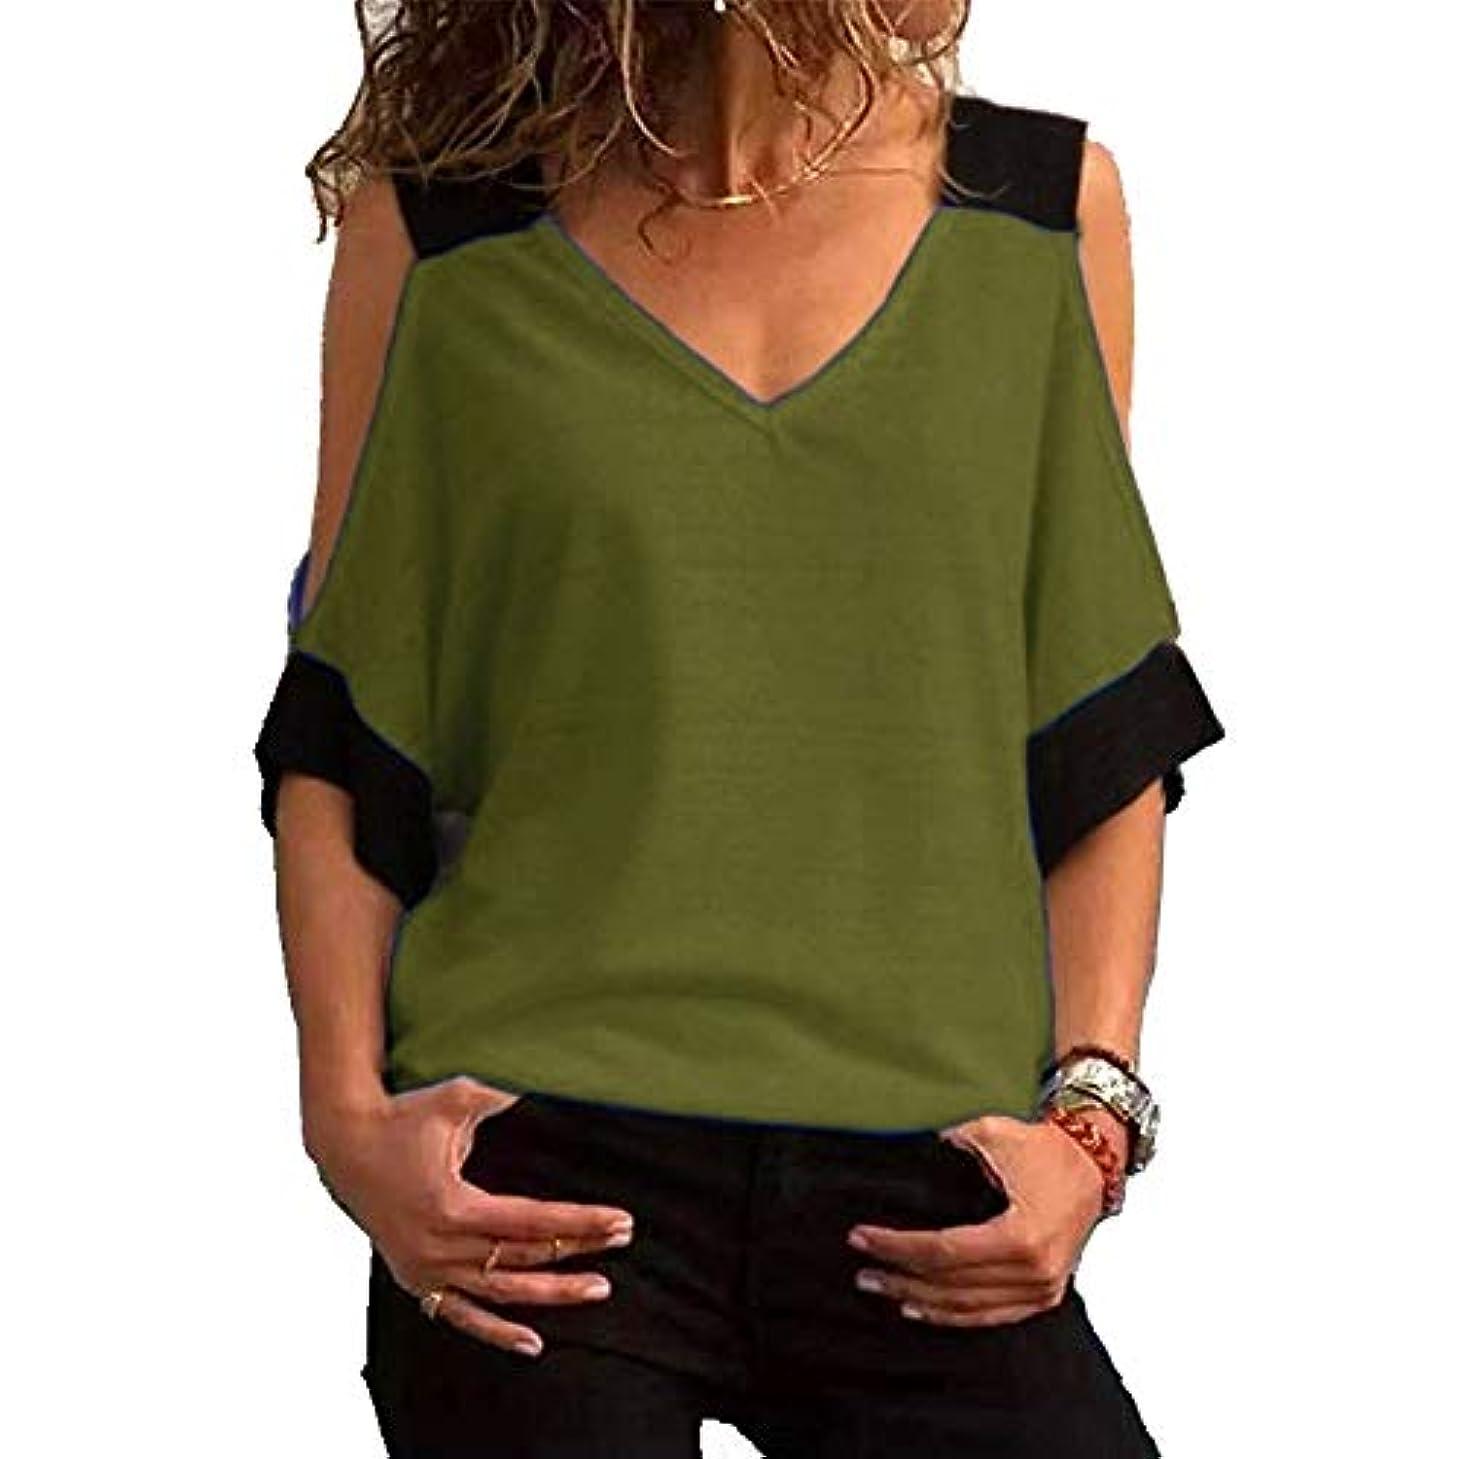 ミシンテーブル定義するMIFAN女性ファッションカジュアルトップス女性ショルダーブラウスコットンTシャツディープVネック半袖